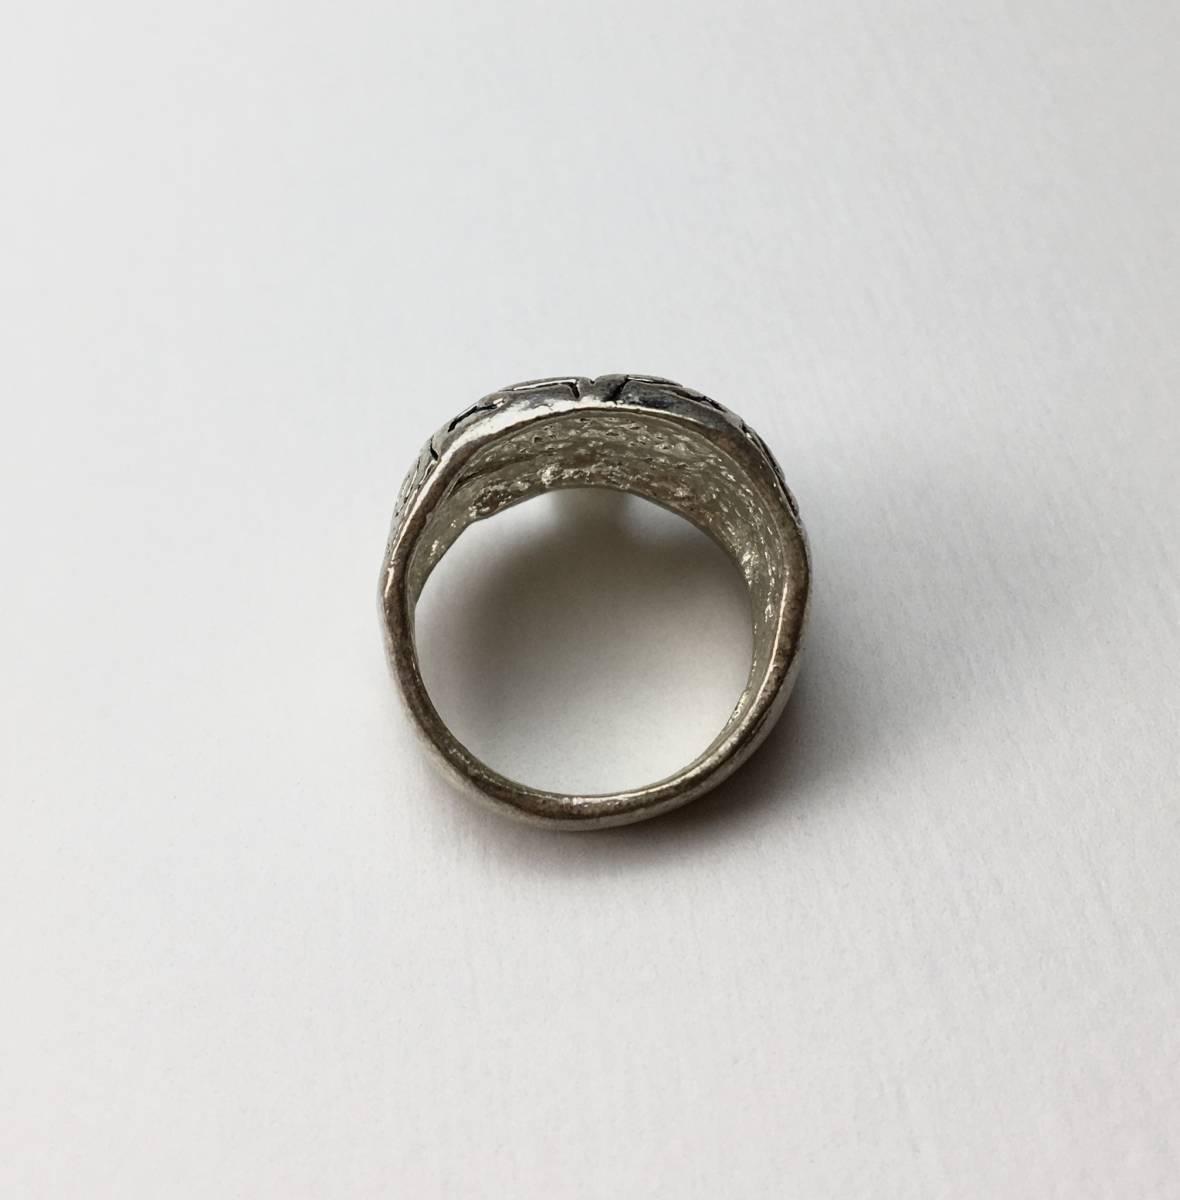 スカル リング 指輪 髑髏 ドクロ 骸骨 ガイコツ SKULL シルバーアクセサリー アンティーク アメリカ USA 雑貨 ヴィンテージ vintage 6_画像2